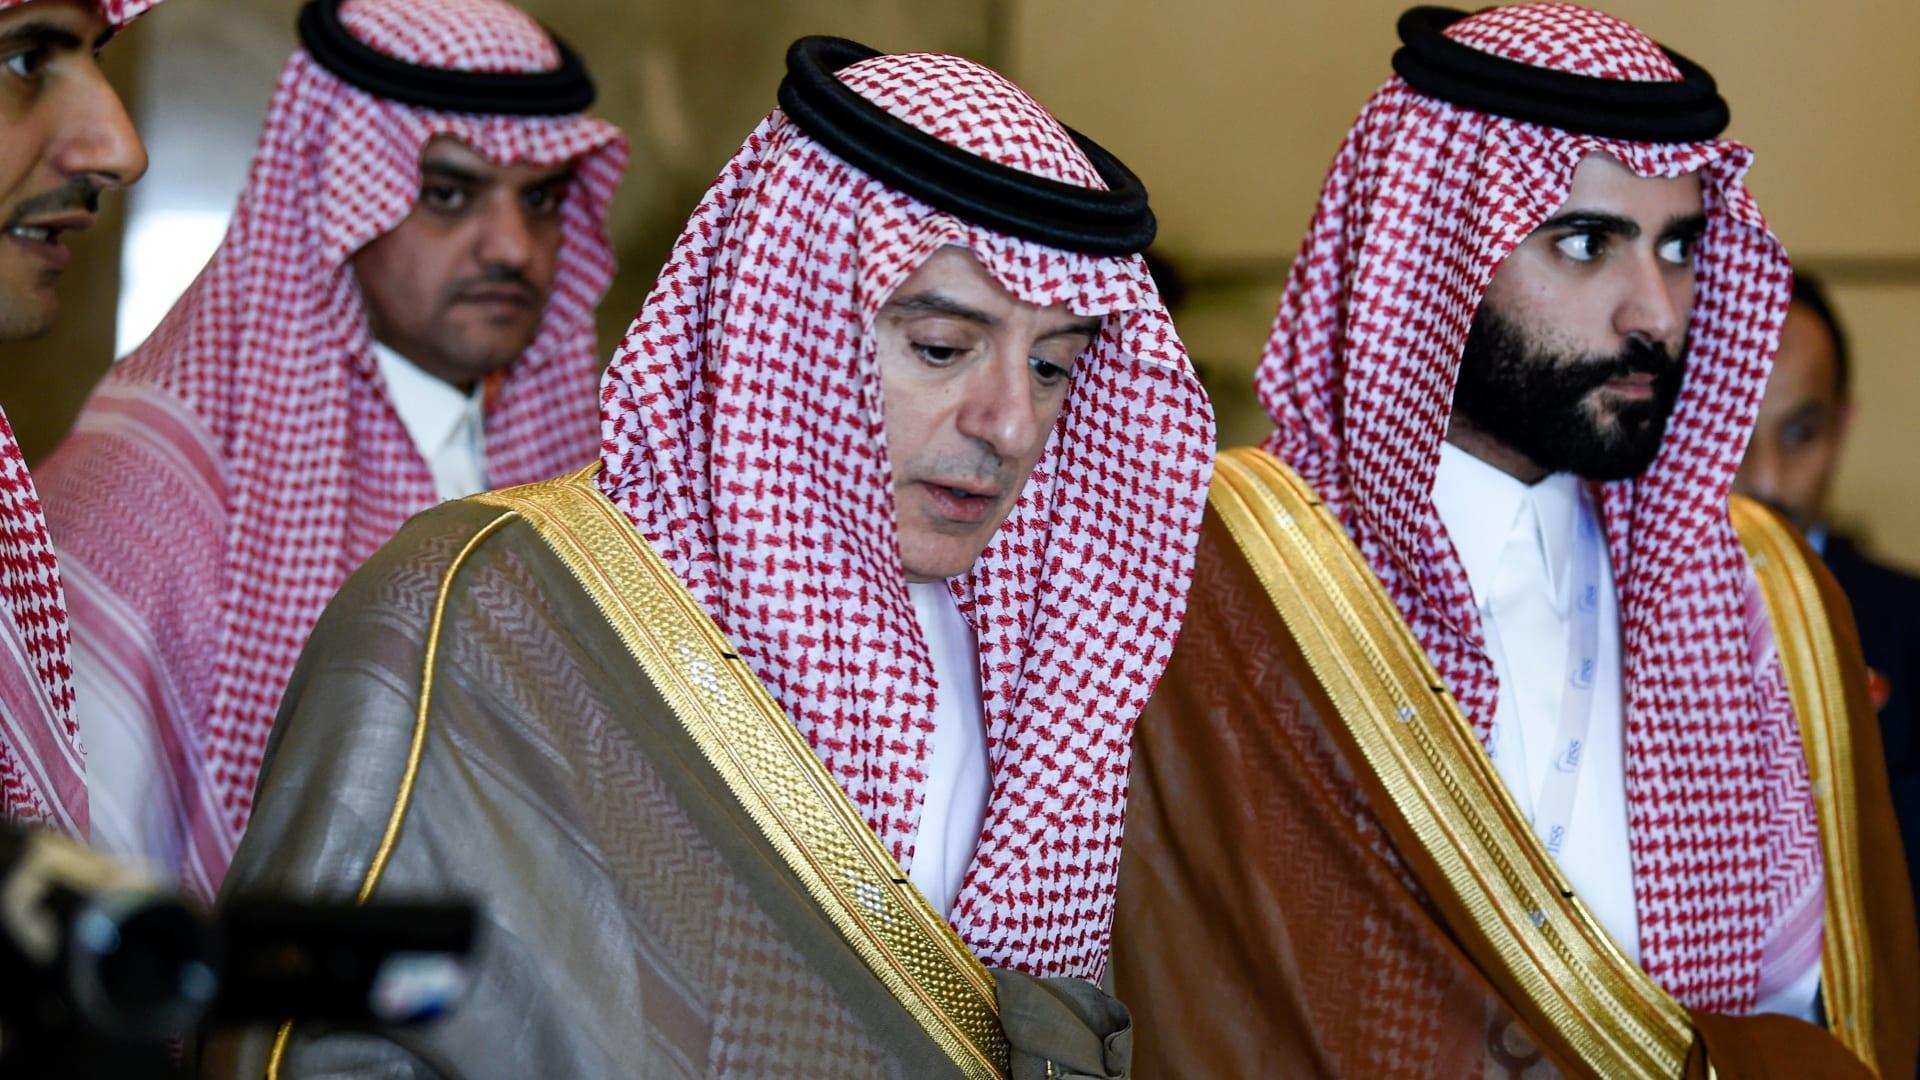 شاهد كيف رد الجبير عندما سأله مذيع CNN حول تهديدات بايدن للسعودية